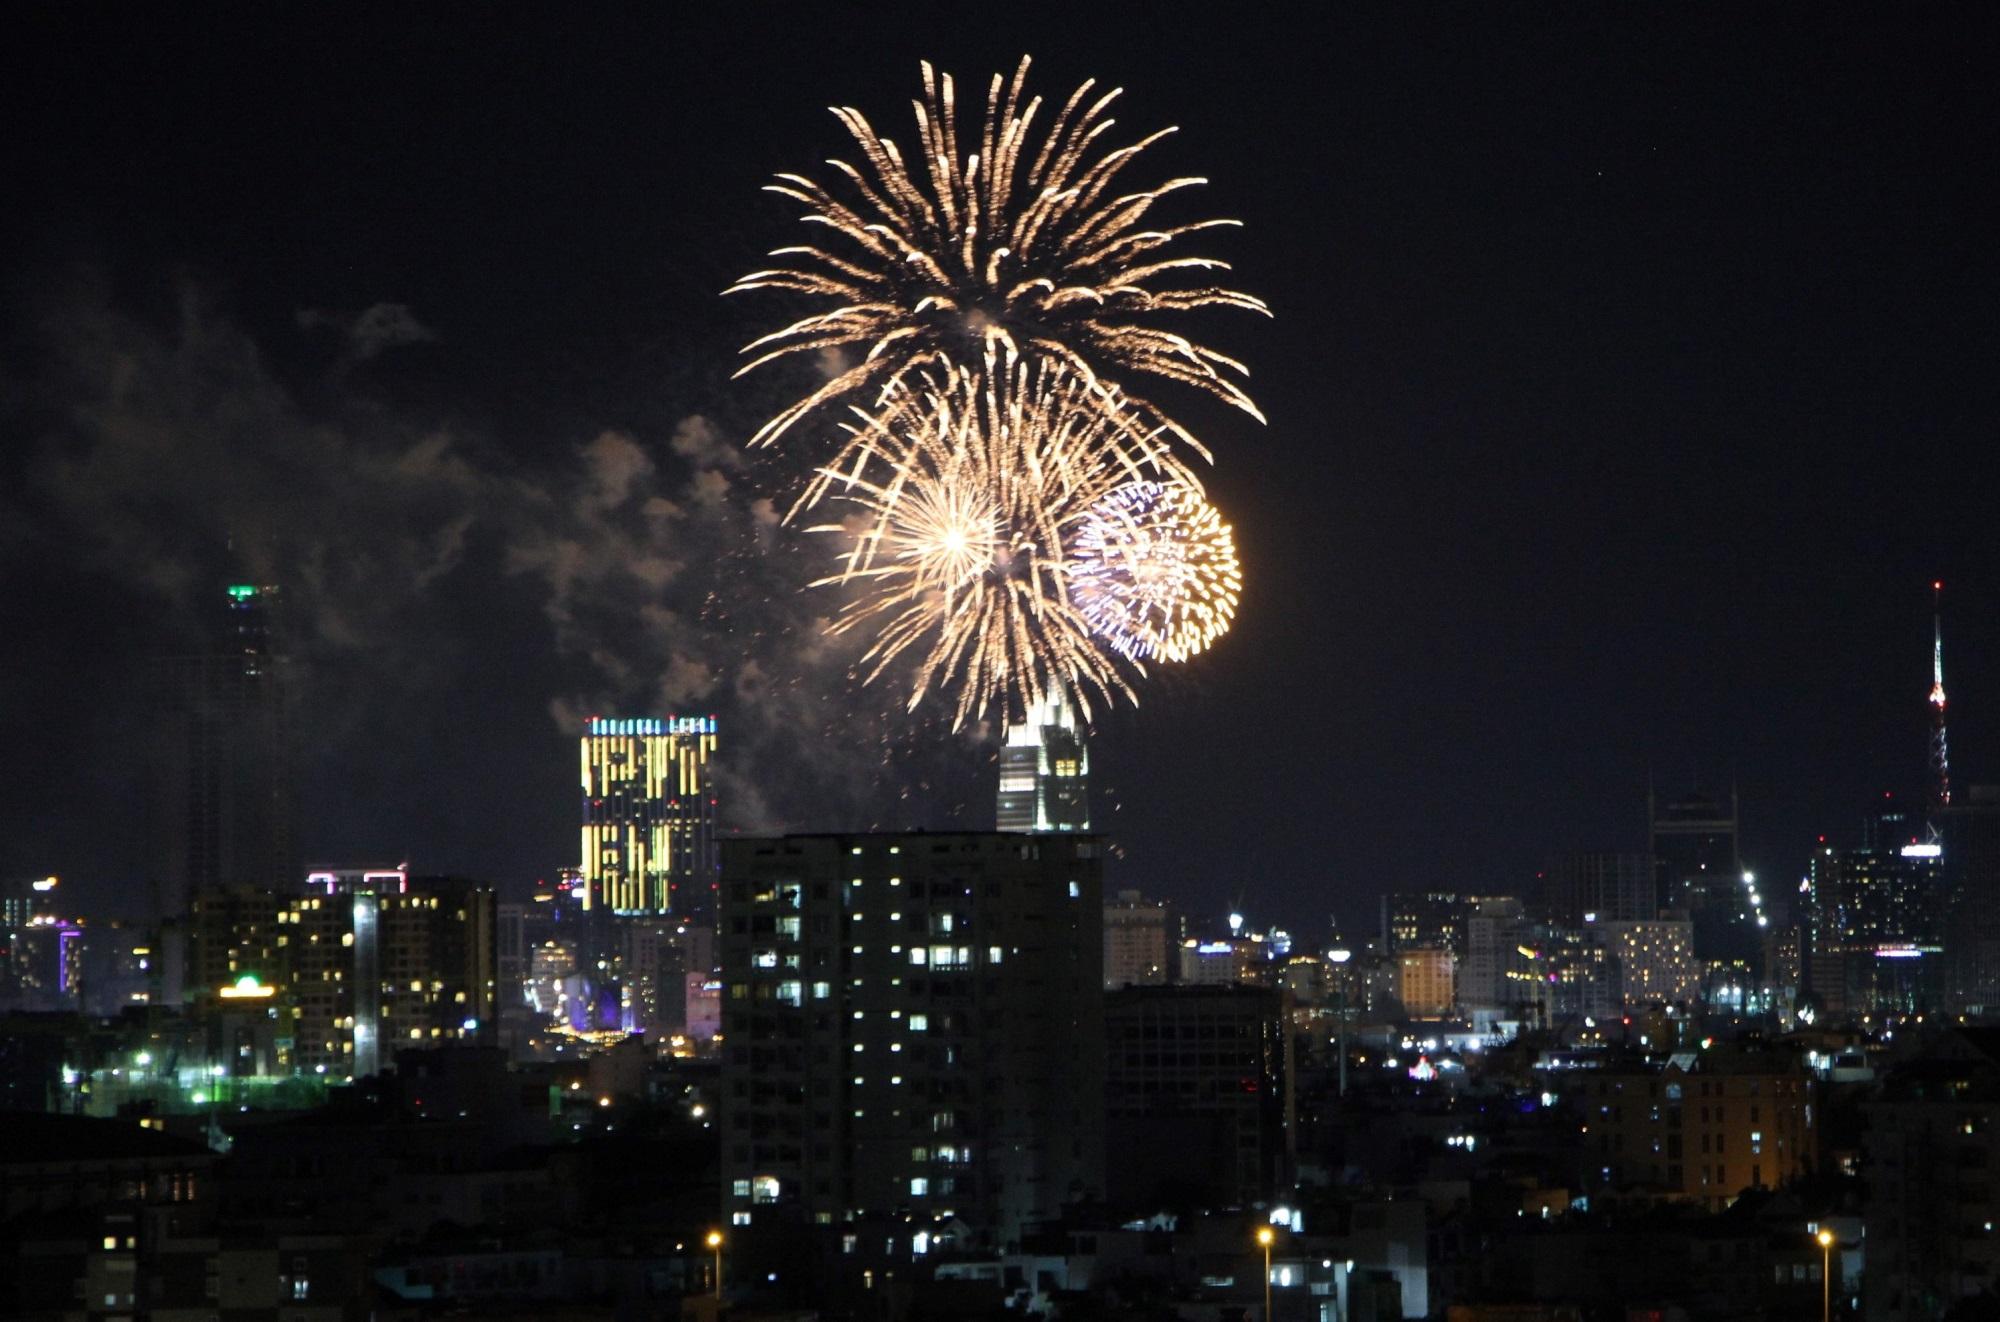 Hàng triệu người dân Sài Gòn xuống phố đón màn pháo hoa rực rỡ mừng năm mới 2019 - Ảnh 11